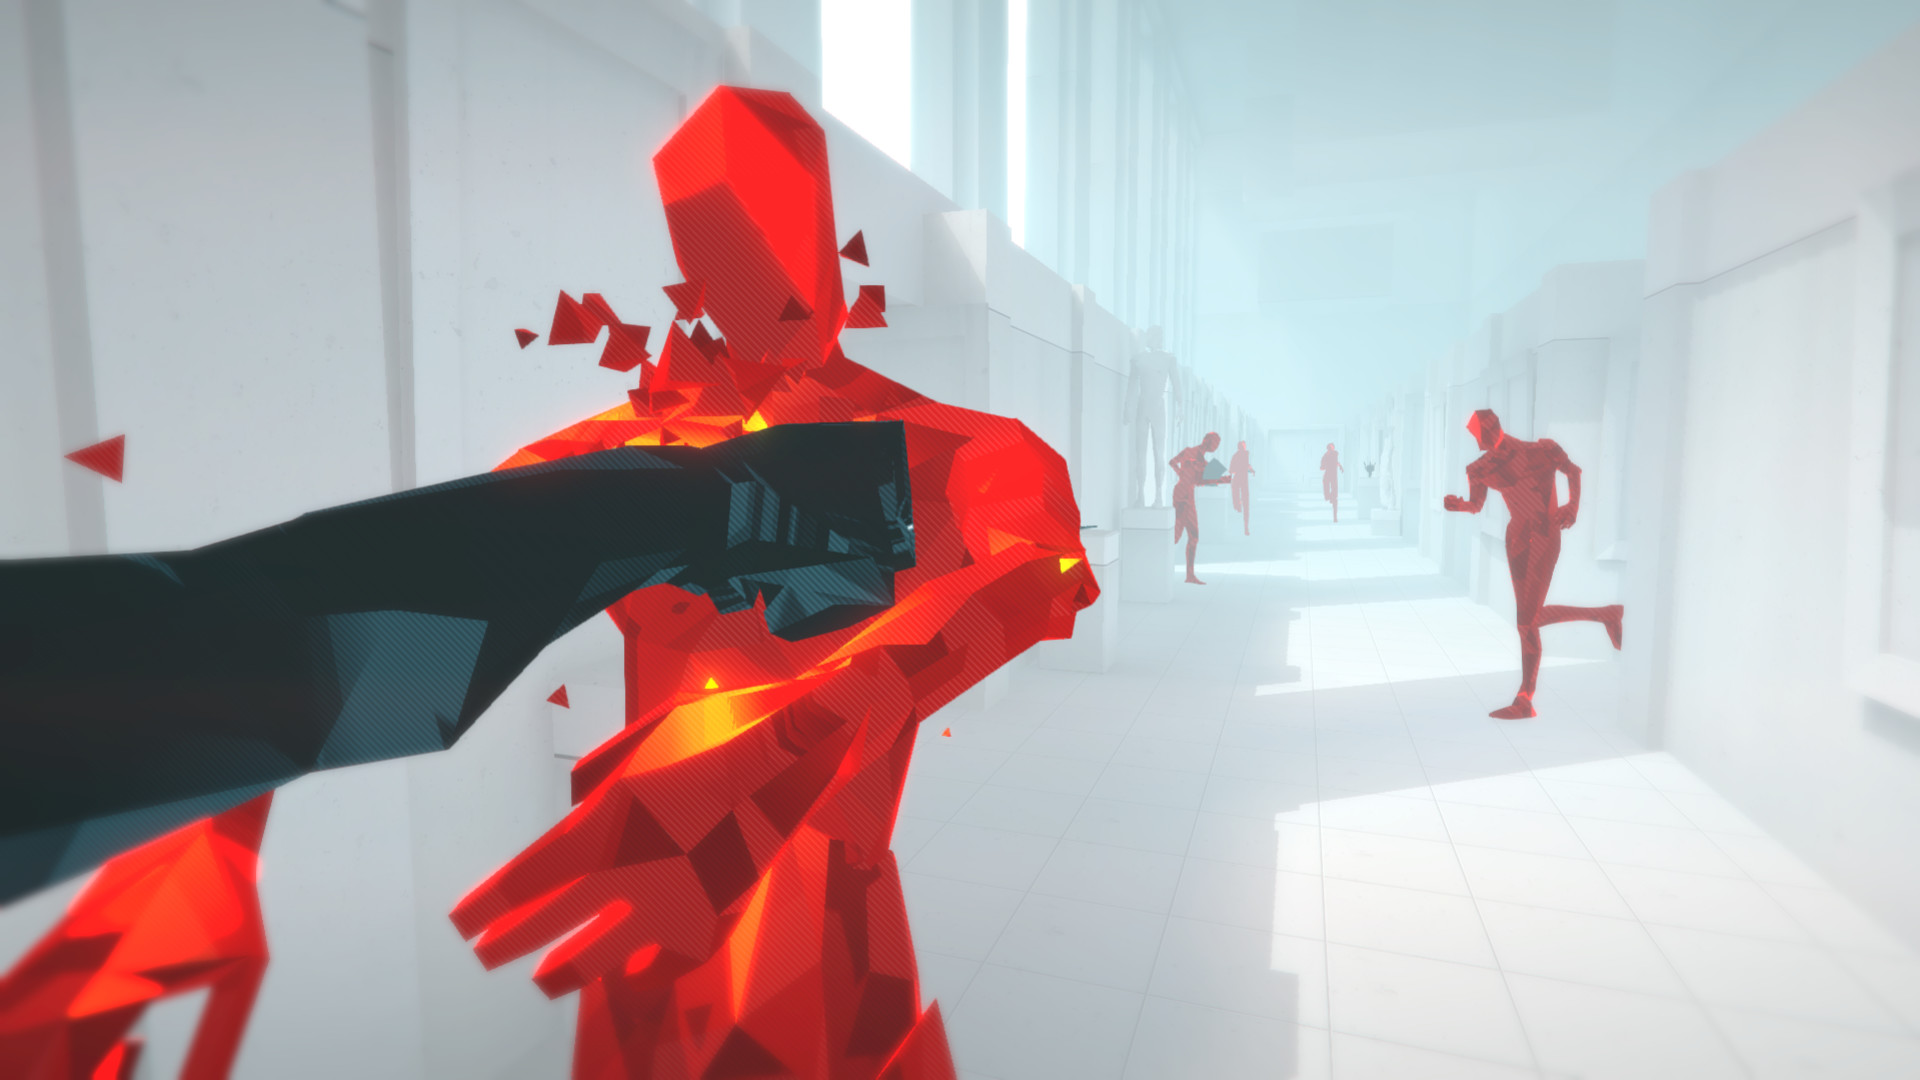 Гифка игры гейминг superhot гиф картинка, скачать анимированный.